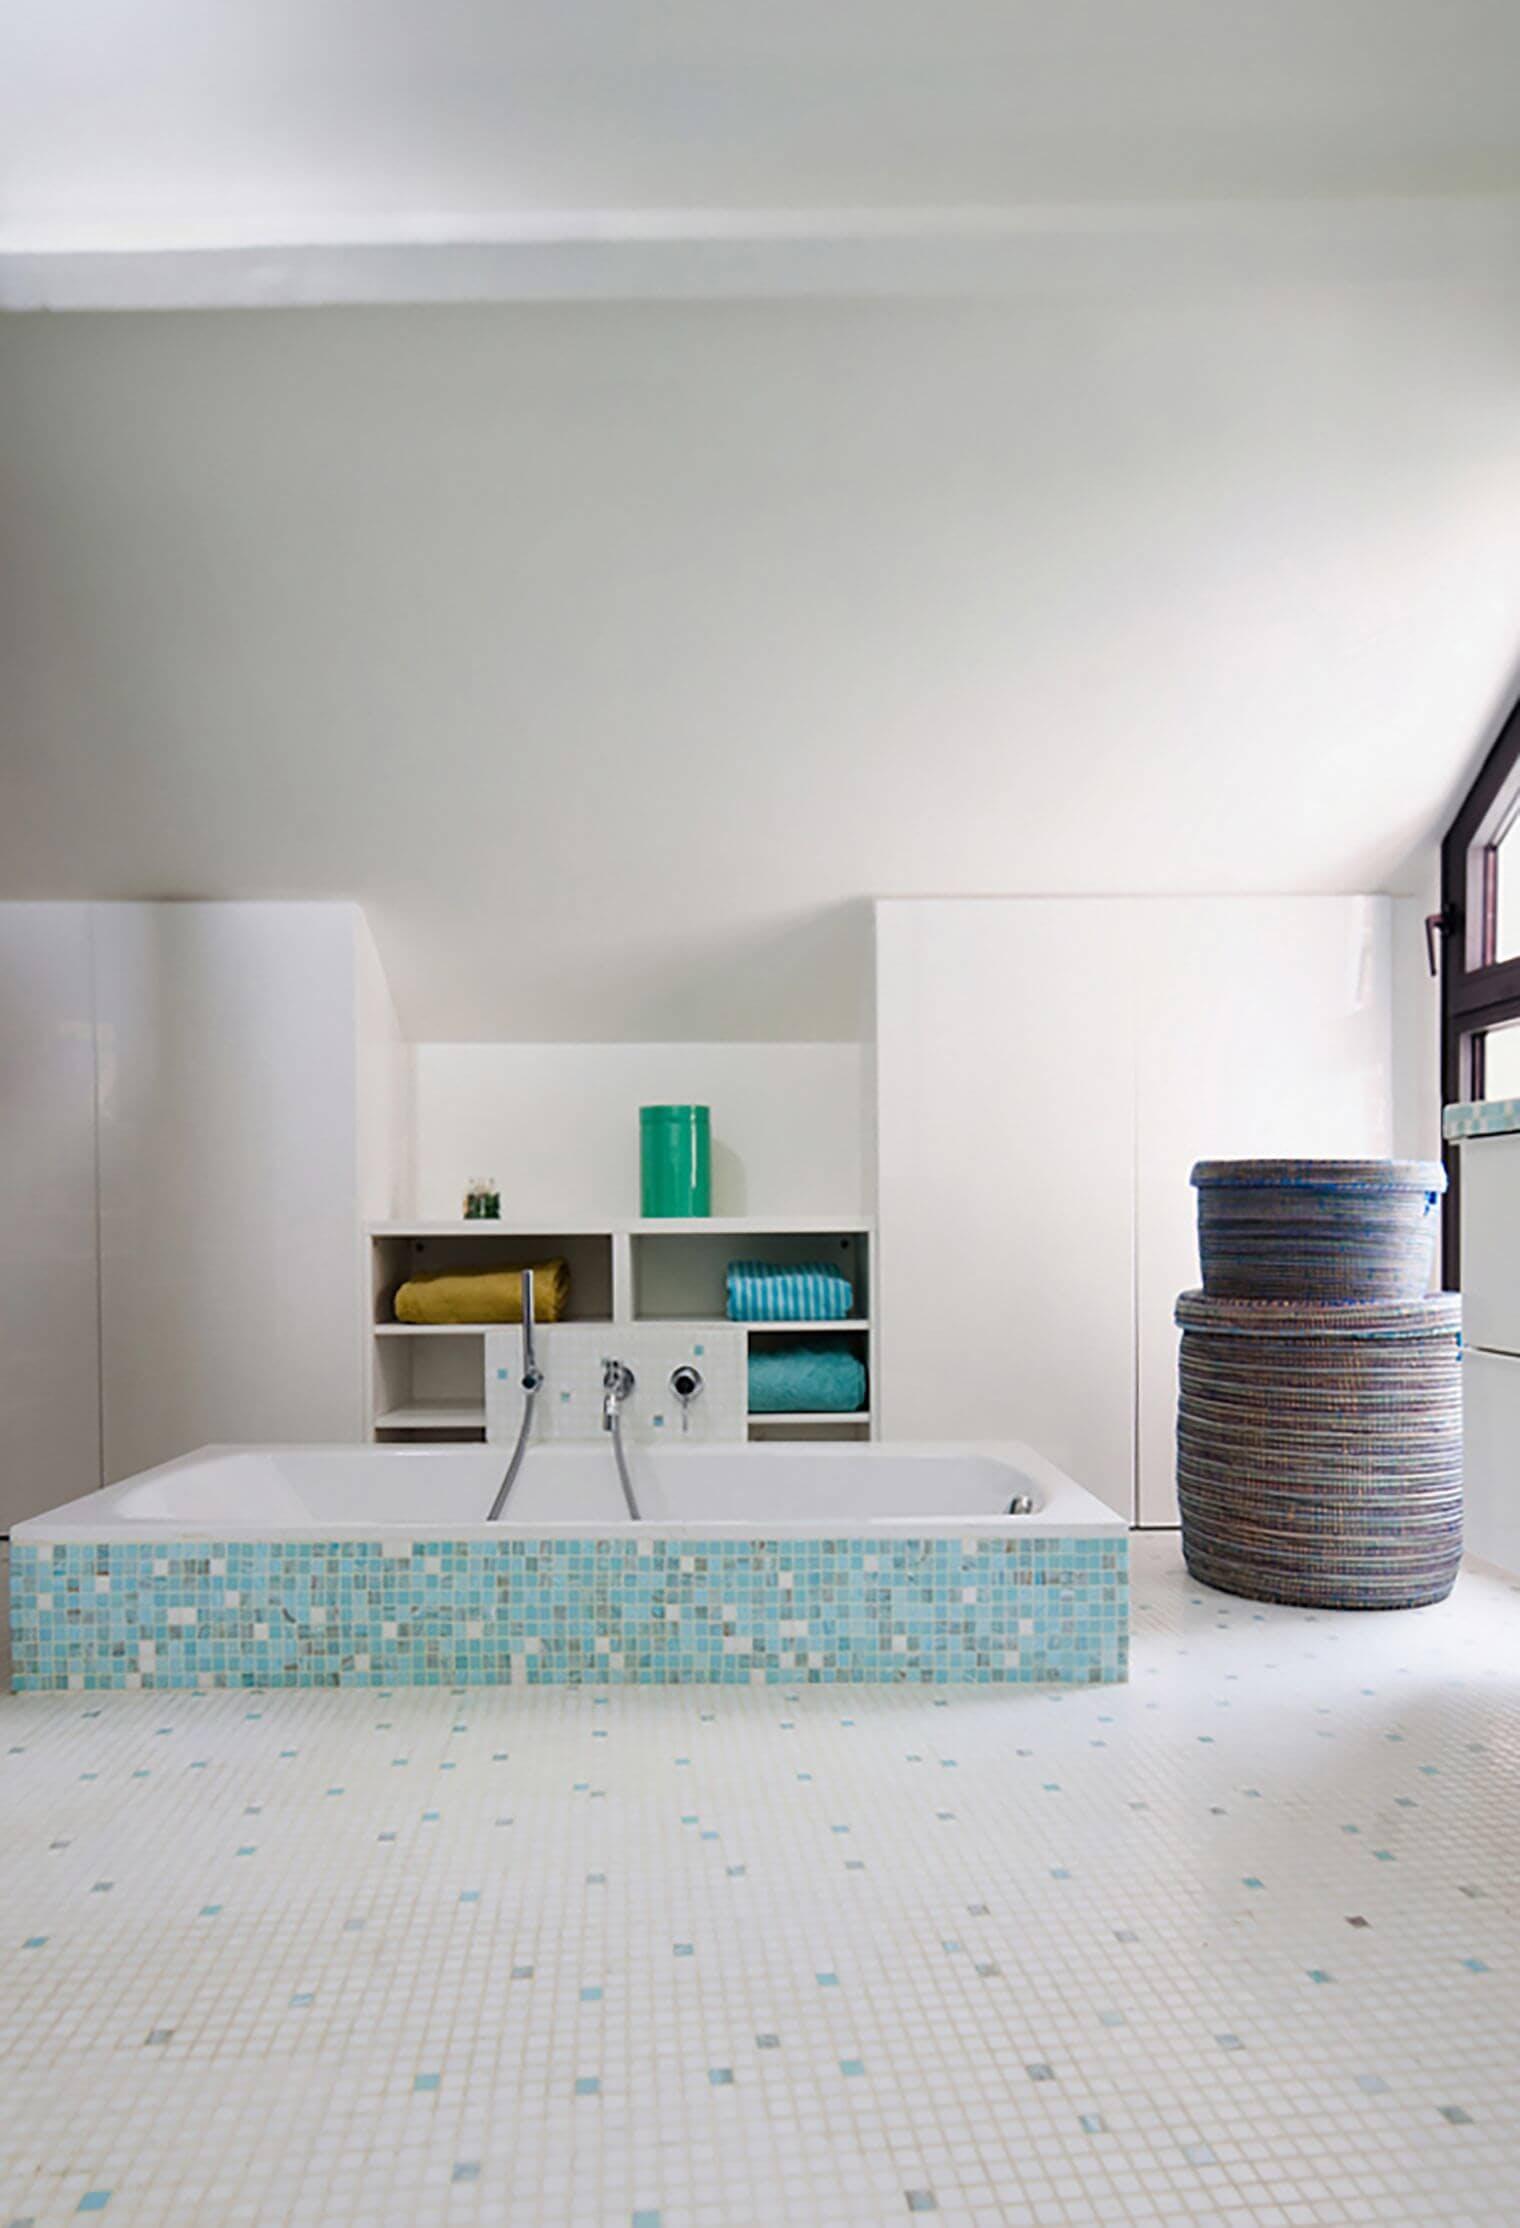 Rénovation de salle de bain dans une maison familiale